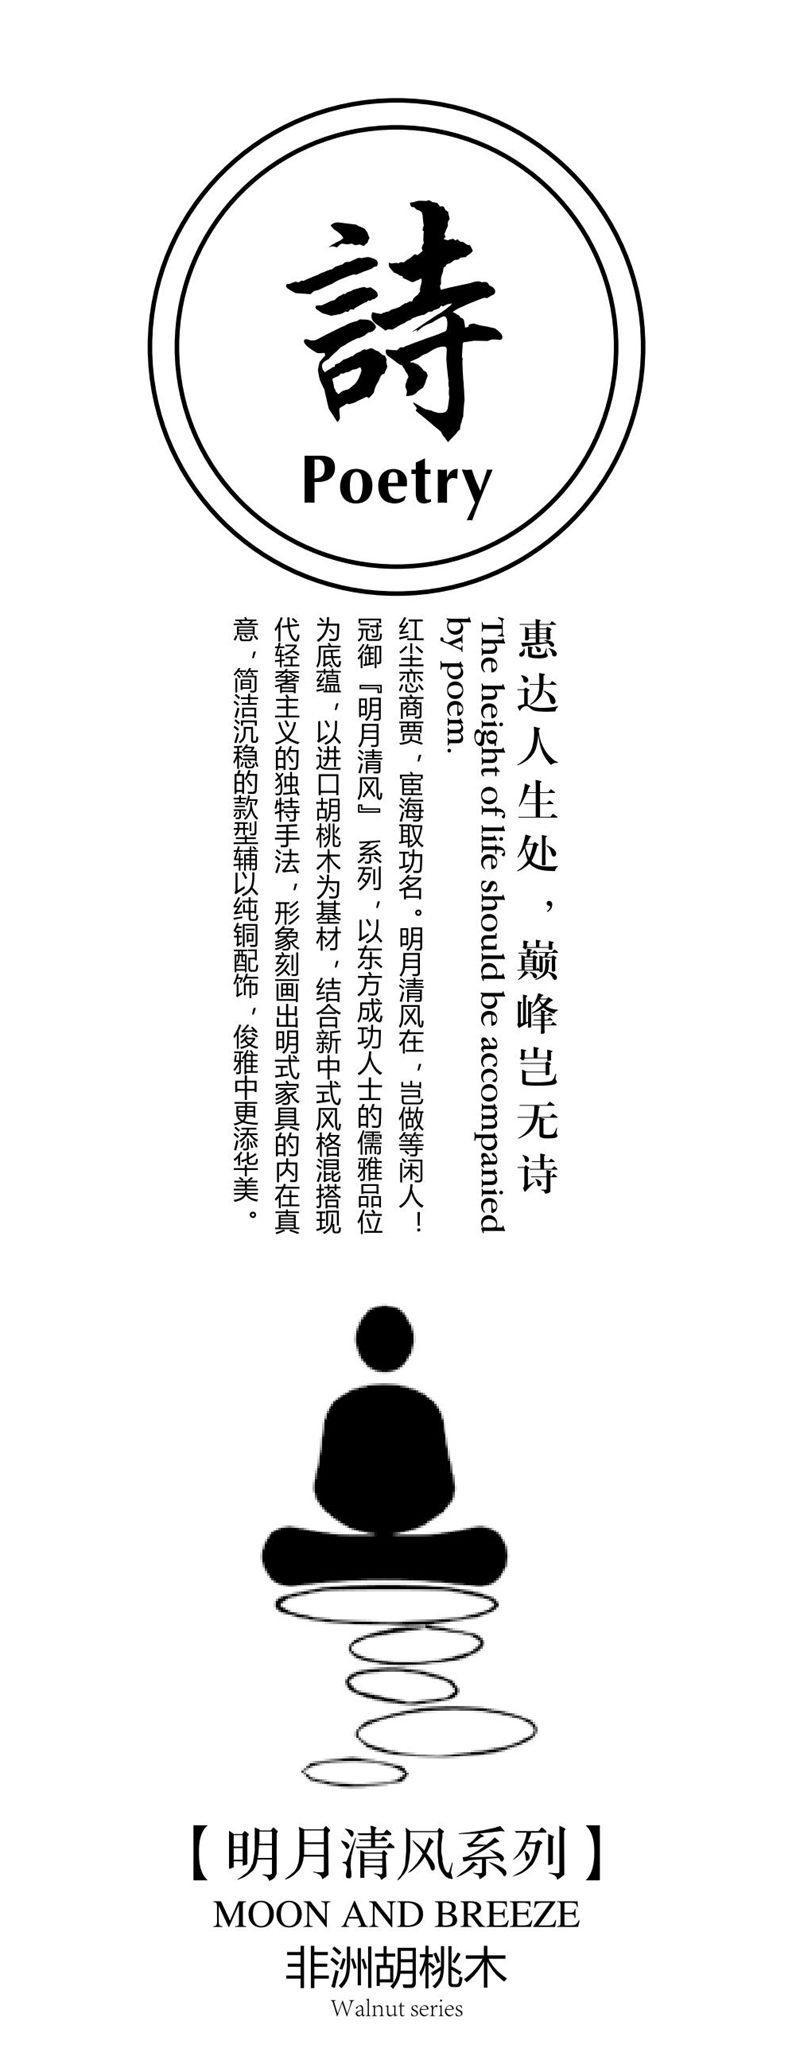 冠御品牌2019年产品画册(1)_16_副本_副本.jpg